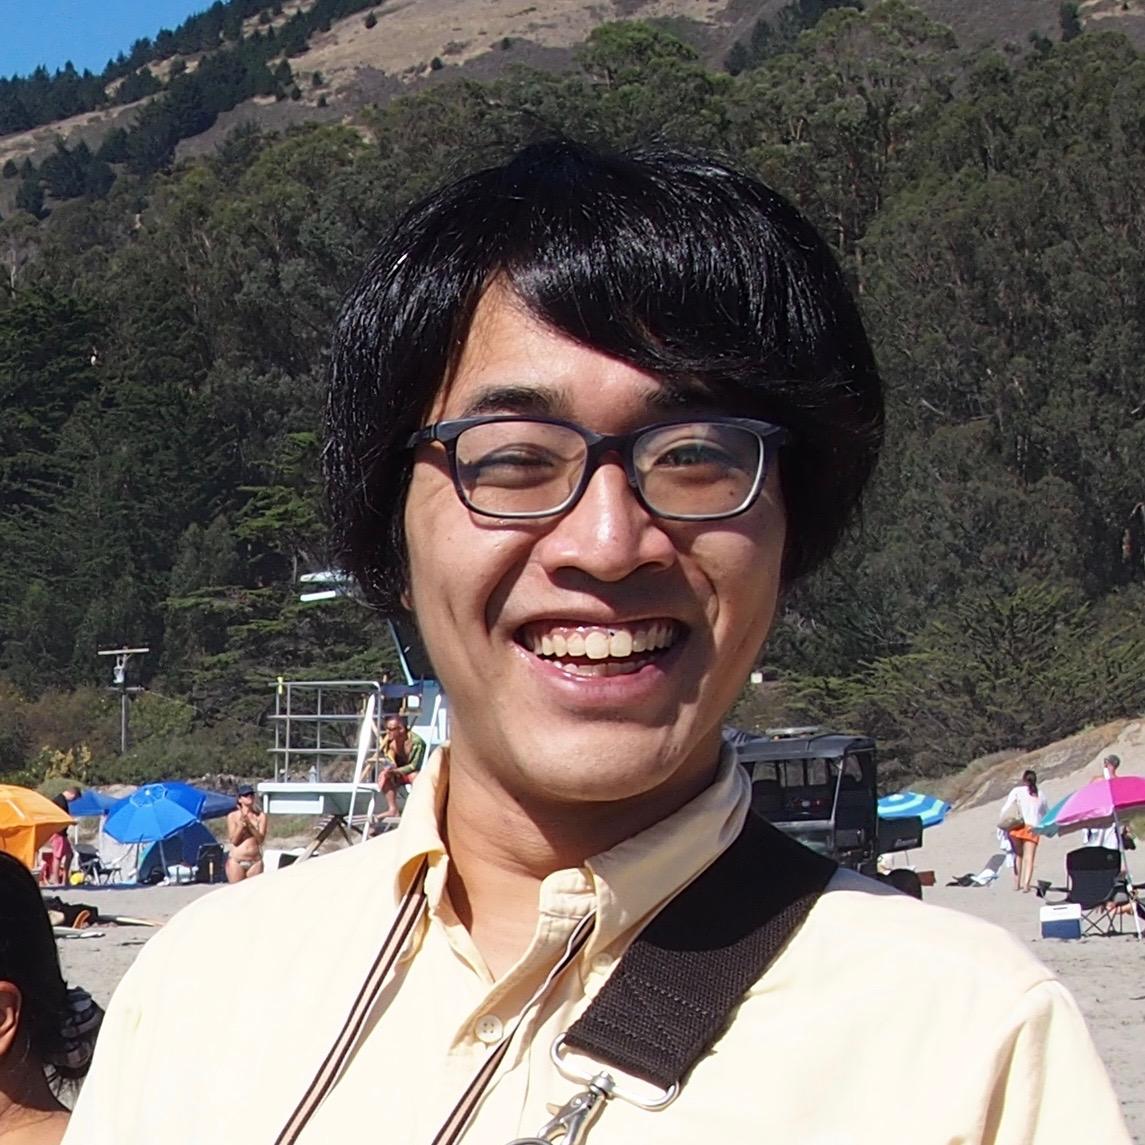 Kohei Sakata